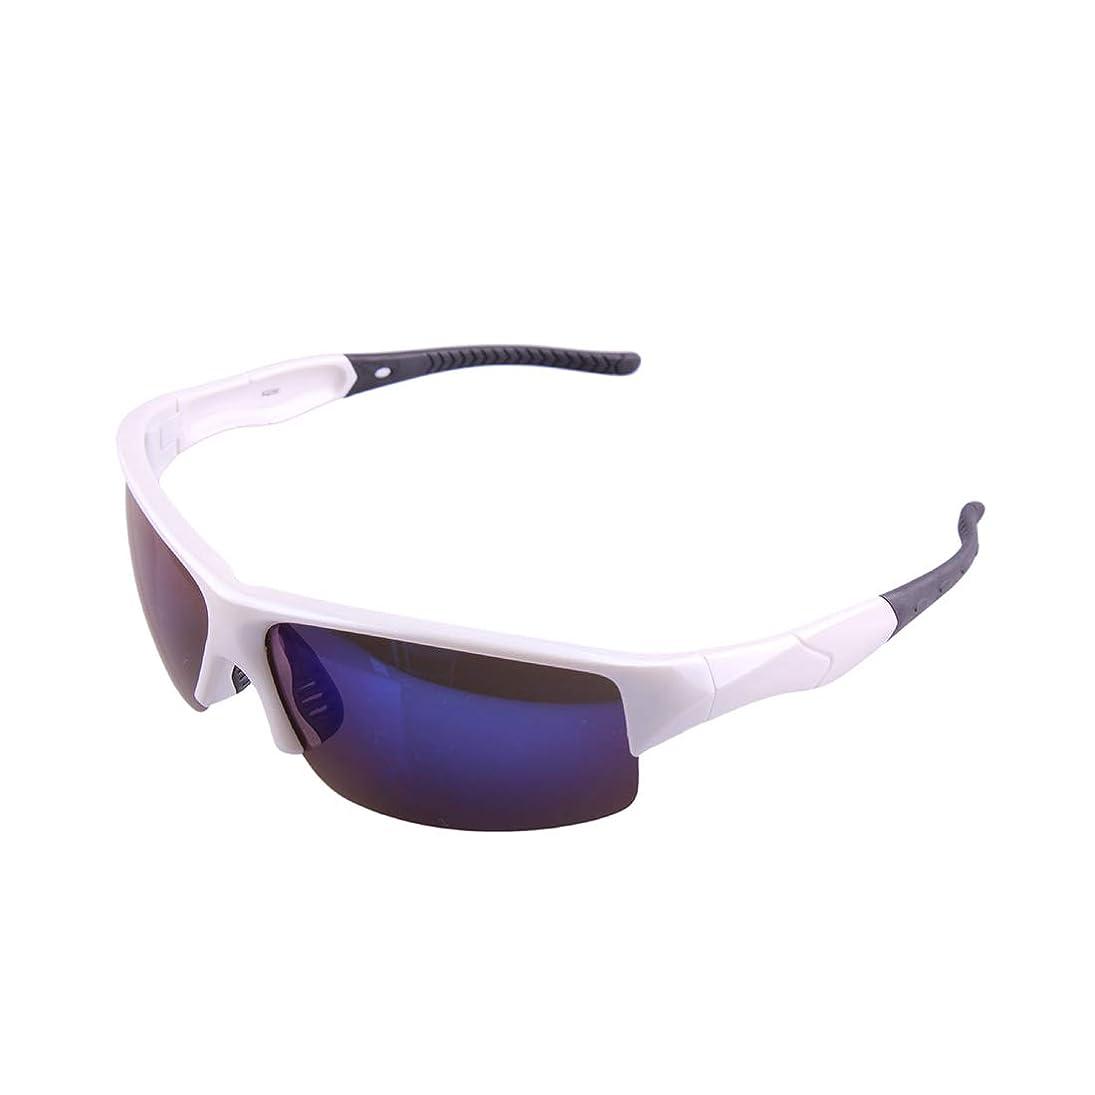 ローン薬用かけるSukipu 耐久性のある PCフレームユニセックススポーツサングラス偏光レンズサイクリング野球ランニング釣りゴルフクライミング (色 : A002)